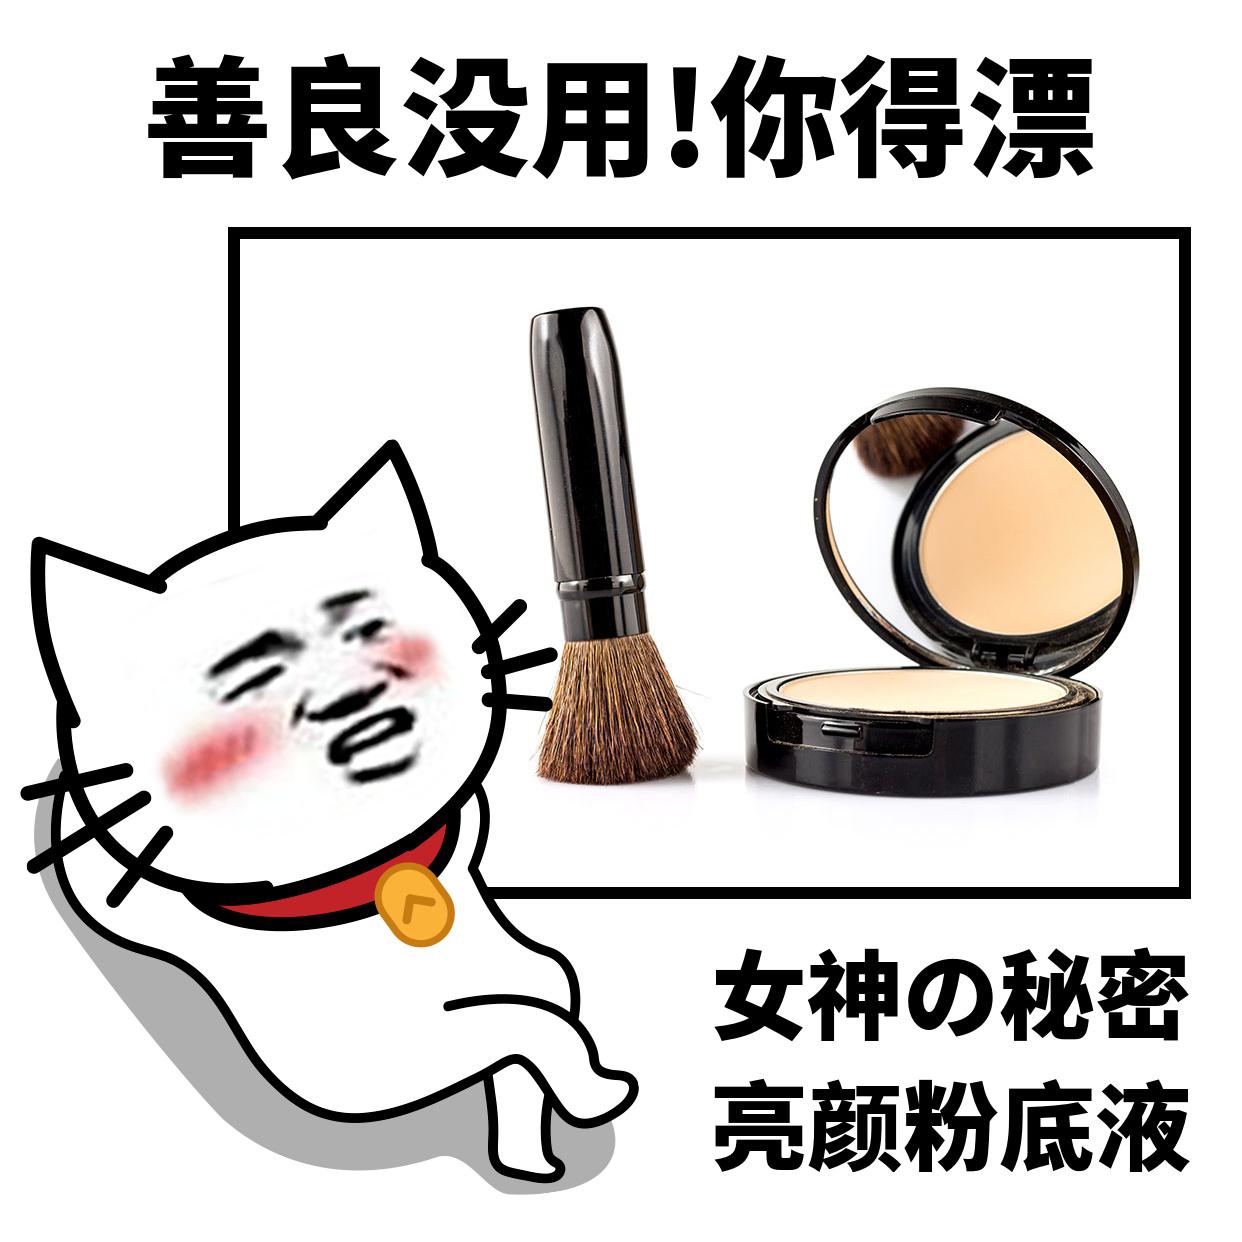 妆品创意海报